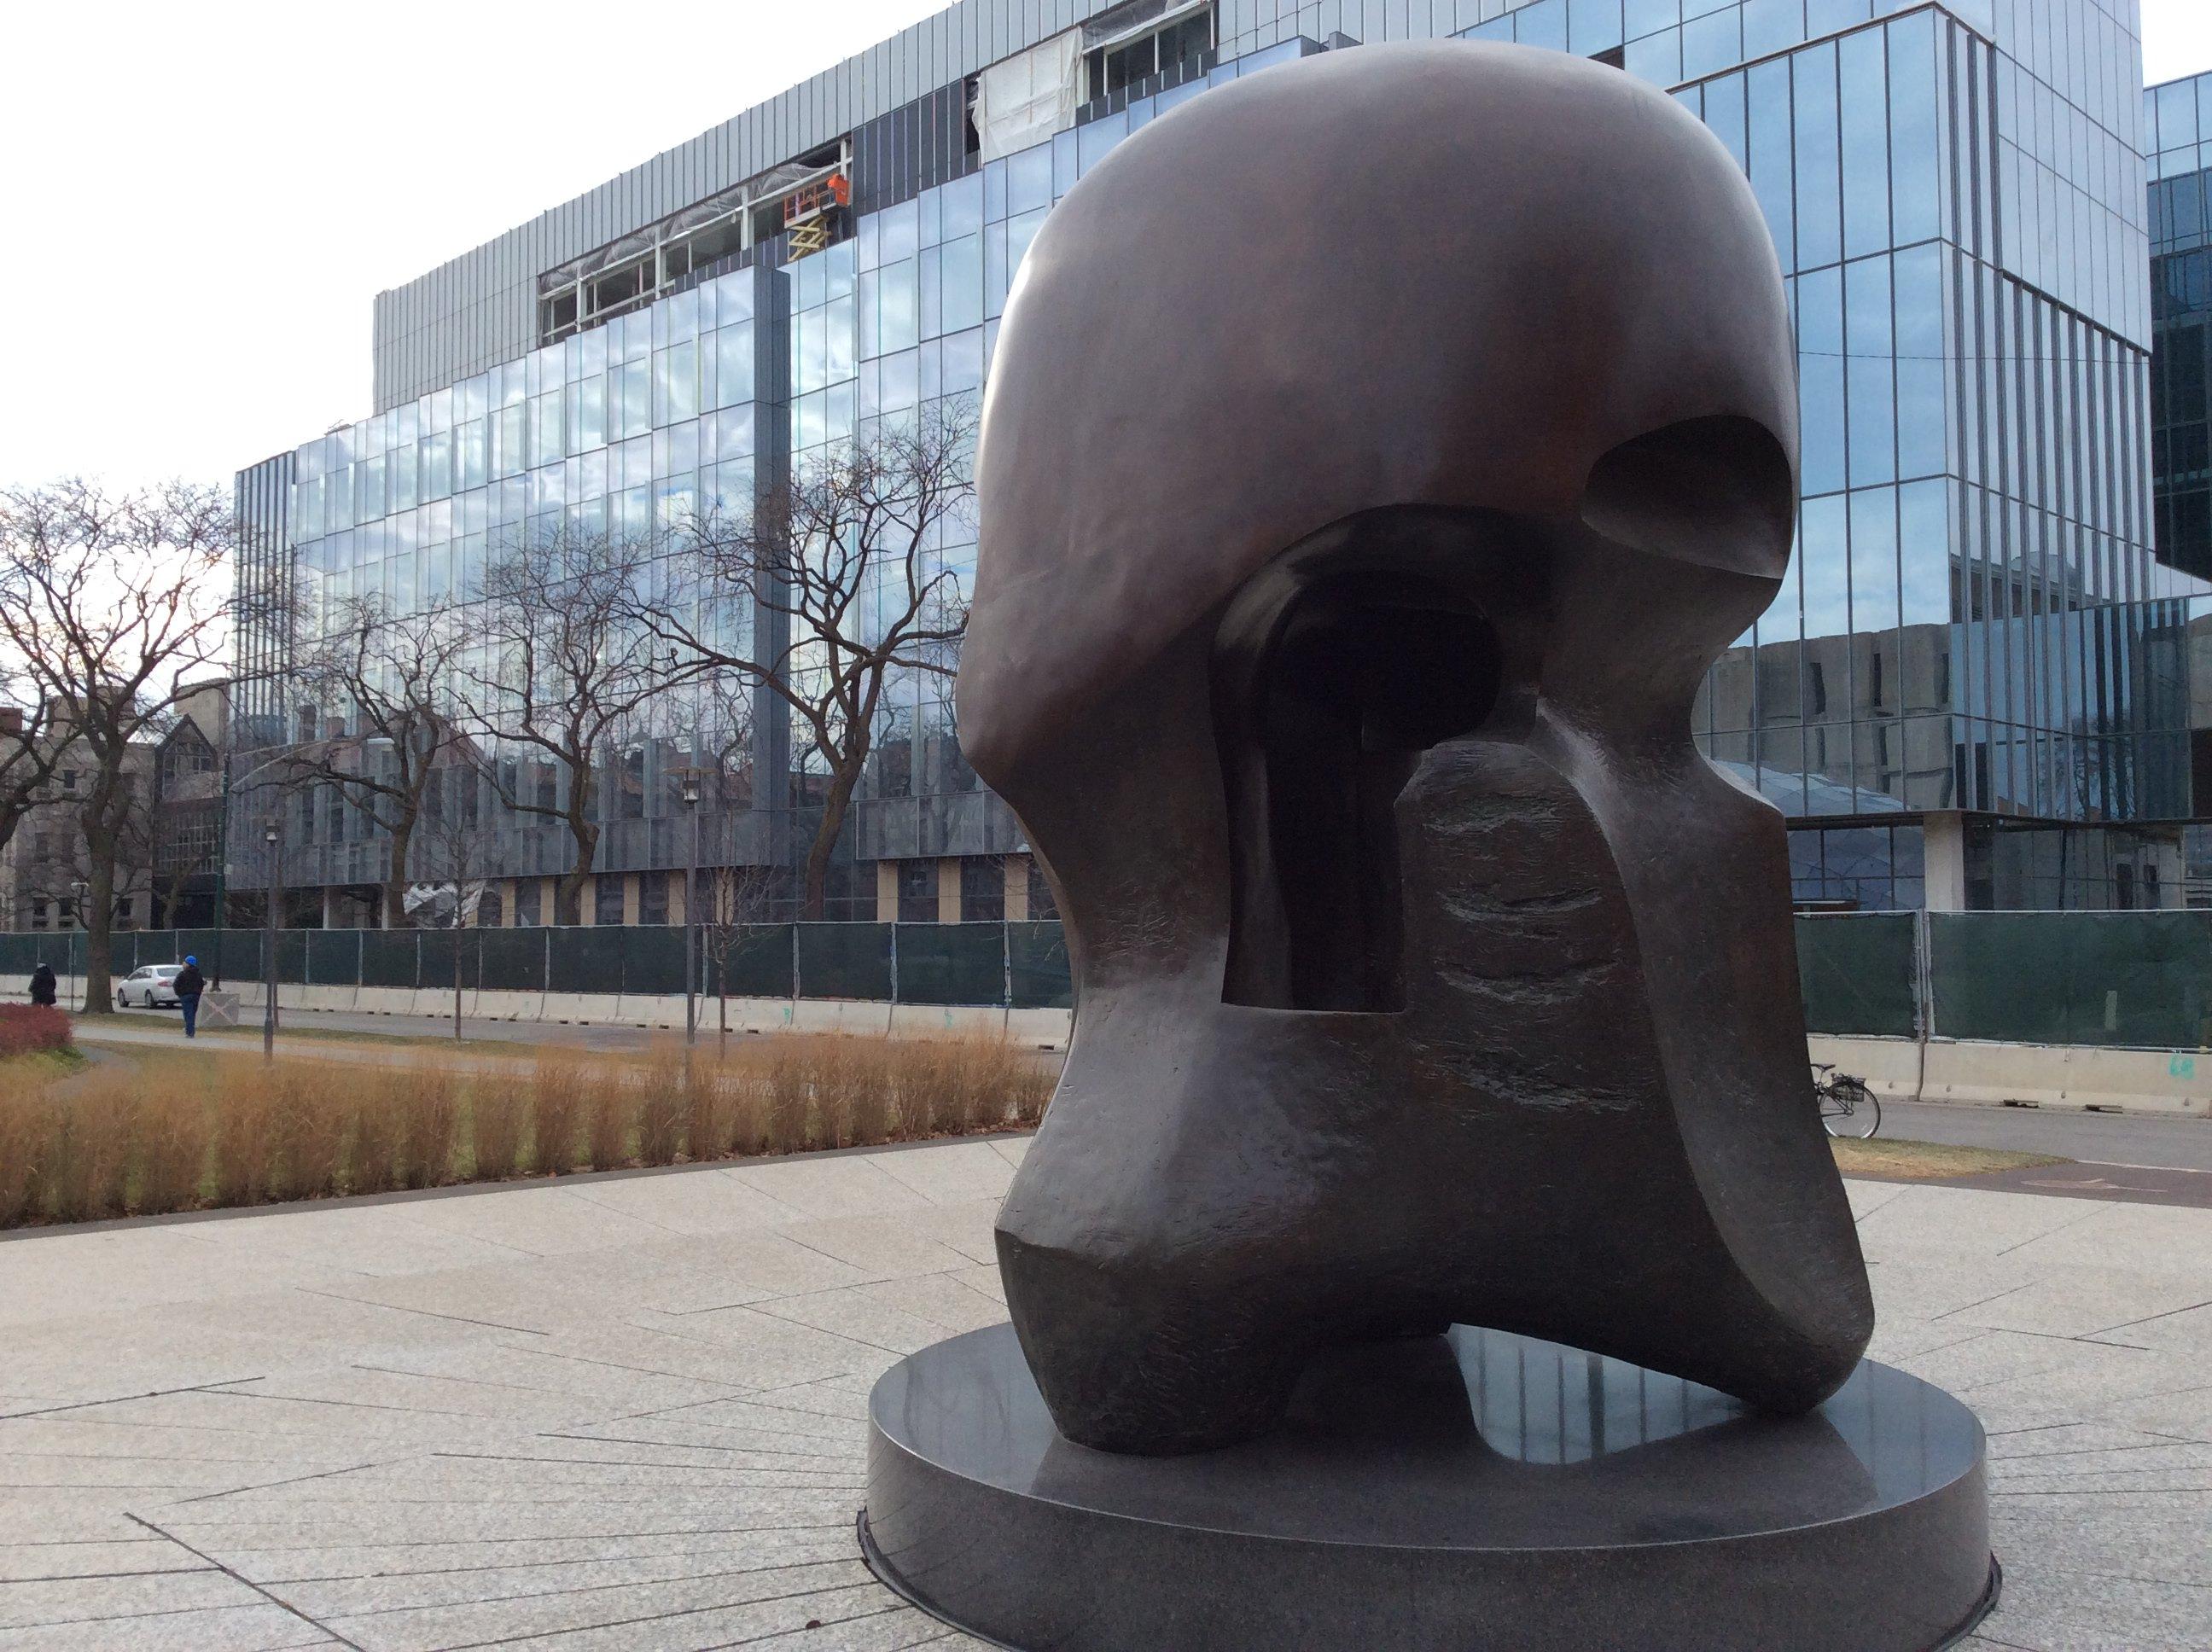 位于芝加哥大学校园内图书馆边的一个小广场上,是一个铜质的红铜铸件.